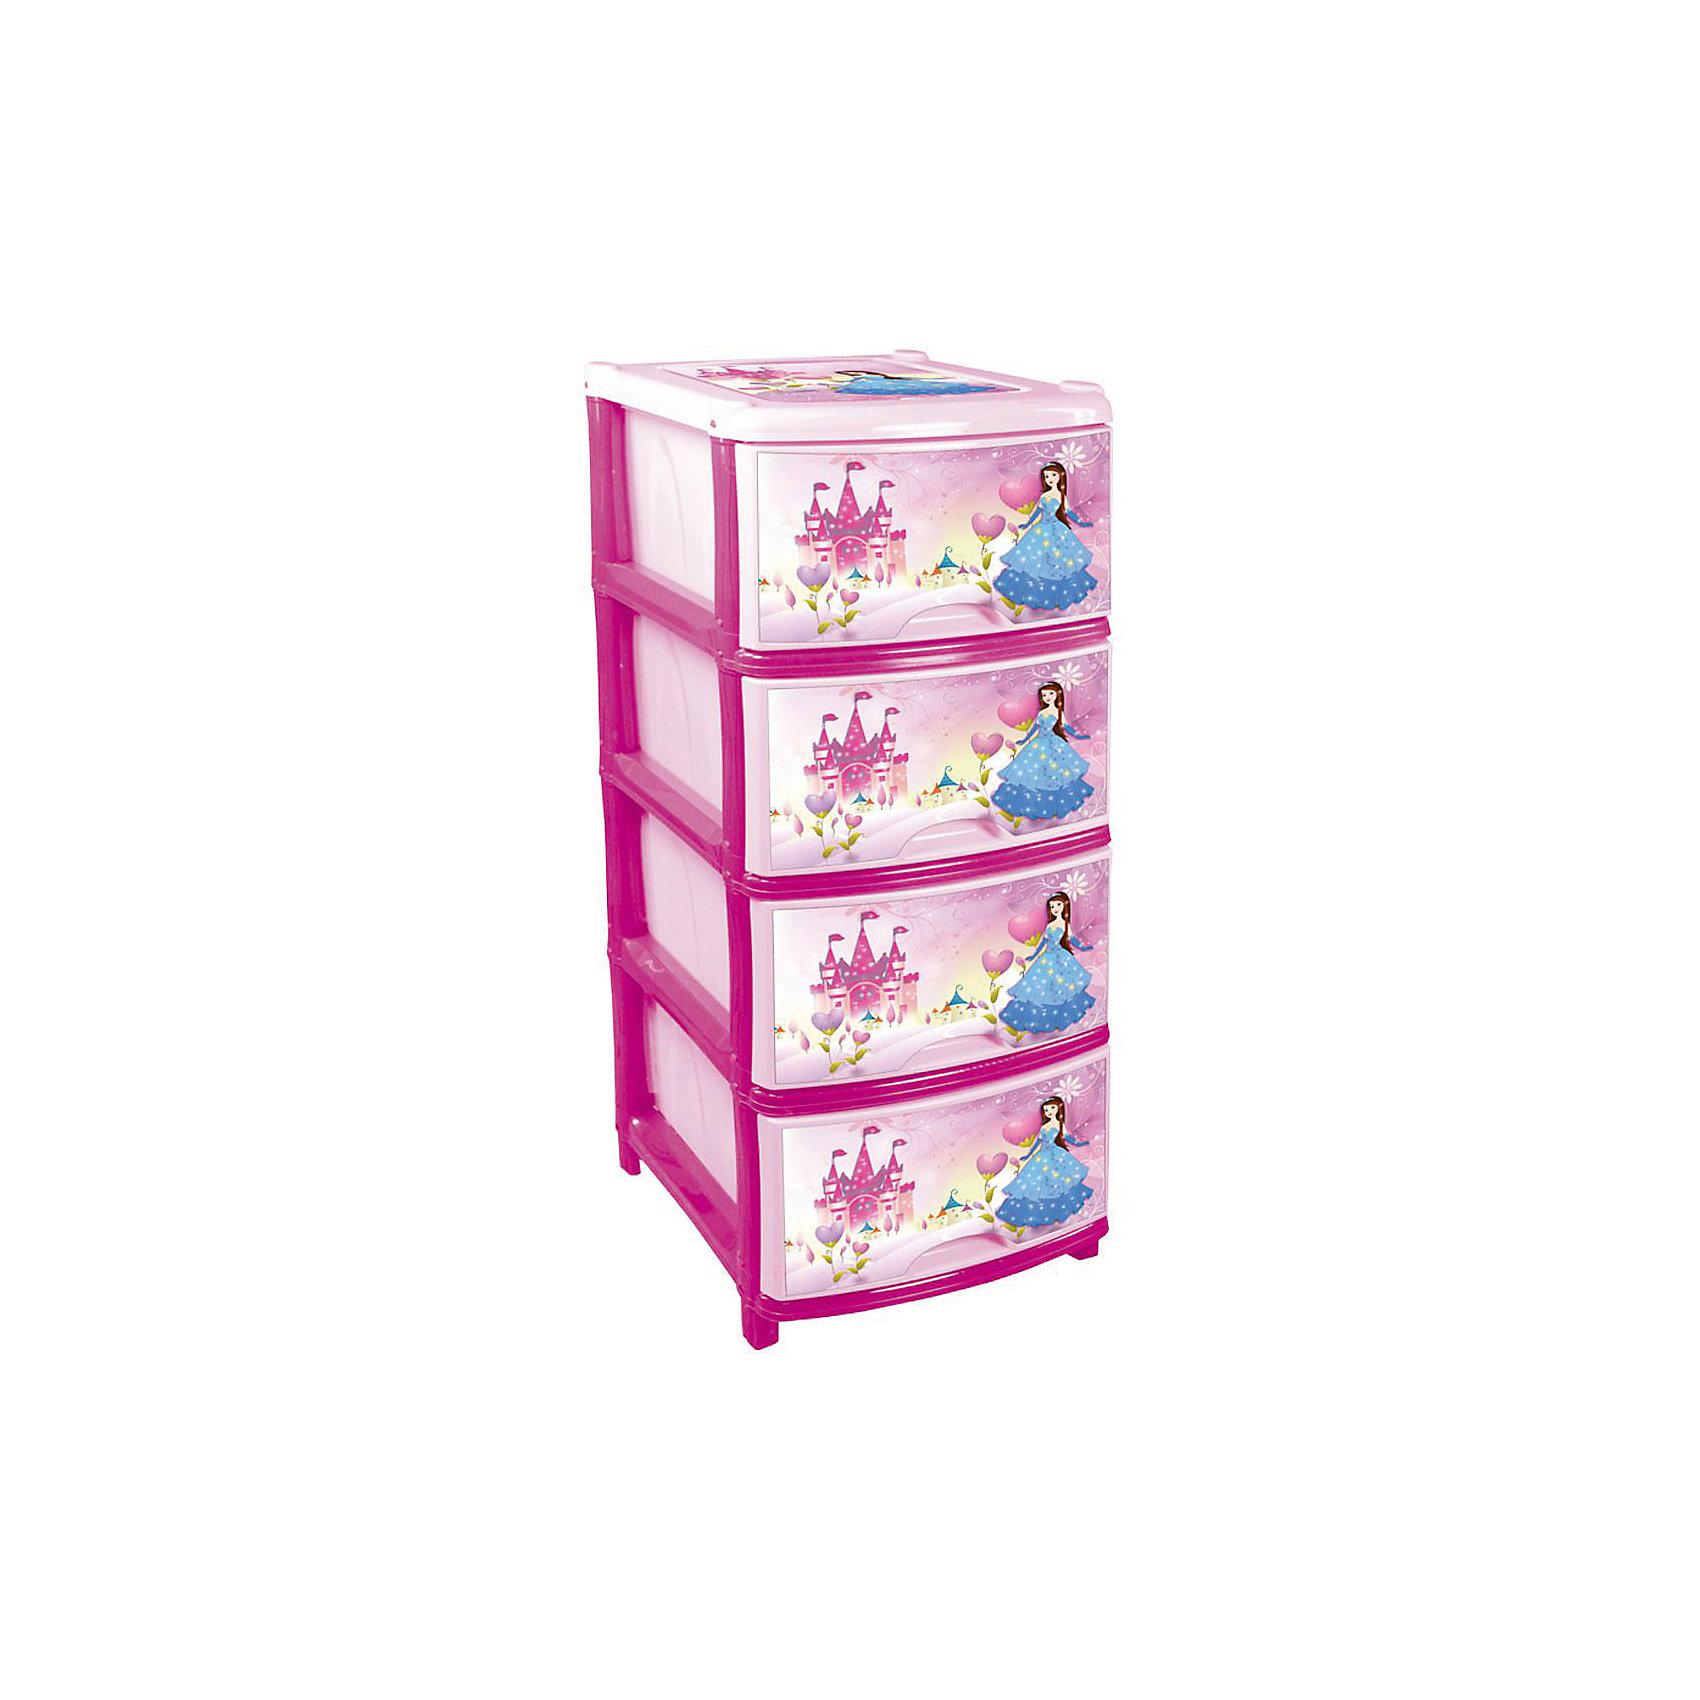 Комод (для девочек) 4-х секционный, AlternativaМебель<br>Характеристики:<br><br>• Предназначение: для детской комнаты<br>• Пол: для девочки<br>• Материал: пластик<br>• Цвет: розовый, голубой, желтый<br>• Размер (Д*Ш*В):  48*38*98 см<br>• Вес: 5 кг 300 г<br>• Количество секций: 4 шт.<br>• Тип ящиков: выдвижные, с ручками<br>• В комплекте имеется инструкция по сборке<br>• Форма: прямоугольный<br>• Особенности ухода: разрешается мыть теплой водой<br><br>Комод (для девочек) 4-х секционный, Alternativa изготовлен отечественным производителем ООО ЗПИ Альтернатива, который специализируется на выпуске широкого спектра изделий и предметов мебели из пластика. Комод выполнен из экологически безопасного материала, устойчивого к механическим повреждениям. Имеет компактный размер и повышенную вместимость за счет глубоких ящиков. Каркас комода устойчивый, ножки оснащены маленькими колесиками для удобства передвижения. Выдвижные ящики оформлены декором сюжетных картинок с принцессой. Комод (для девочек) 4-х секционный, Alternativa станет не только полезным для хранения различных принадлежностей, но и ярким предметом интерьера. <br><br>Комод (для девочек) 4-х секционный, Alternativa можно купить в нашем интернет-магазине.<br><br>Ширина мм: 480<br>Глубина мм: 380<br>Высота мм: 980<br>Вес г: 4408<br>Возраст от месяцев: -2147483648<br>Возраст до месяцев: 2147483647<br>Пол: Женский<br>Возраст: Детский<br>SKU: 5096538